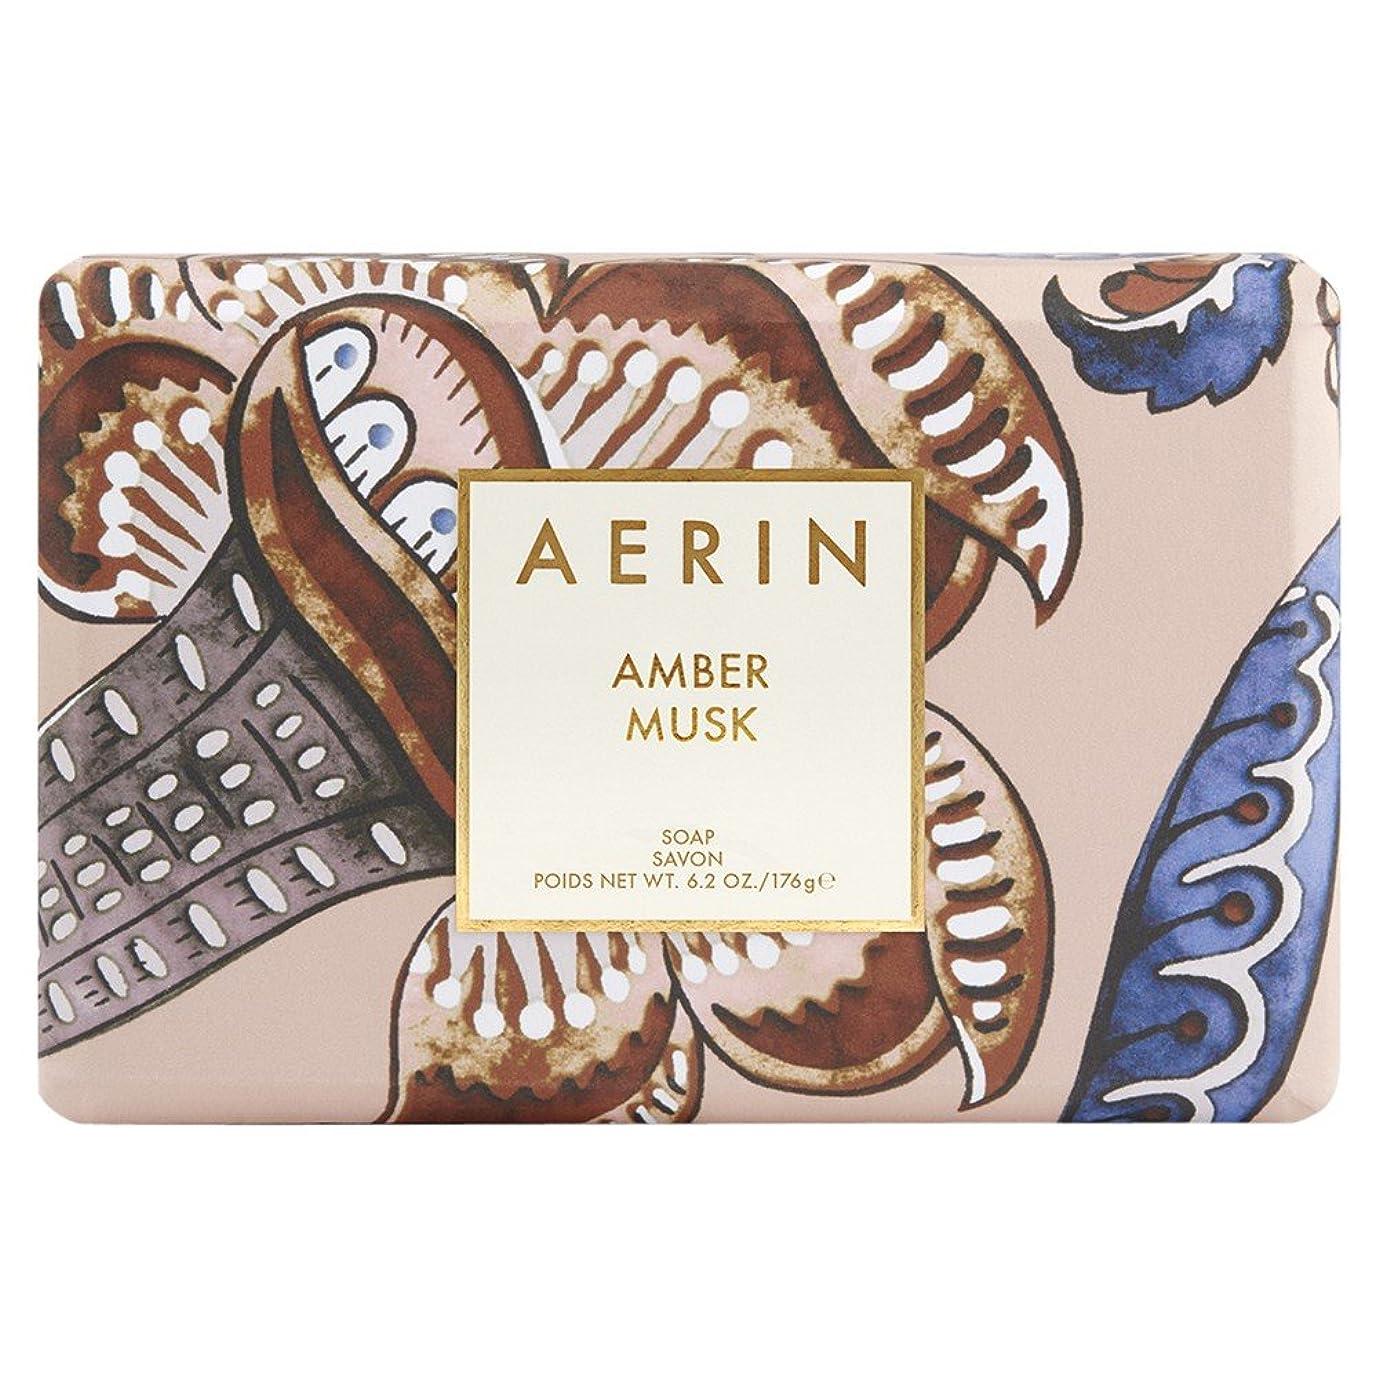 囲む管理者ボスAerinアンバームスクソープ176グラム (AERIN) (x6) - AERIN Amber Musk Soap 176g (Pack of 6) [並行輸入品]